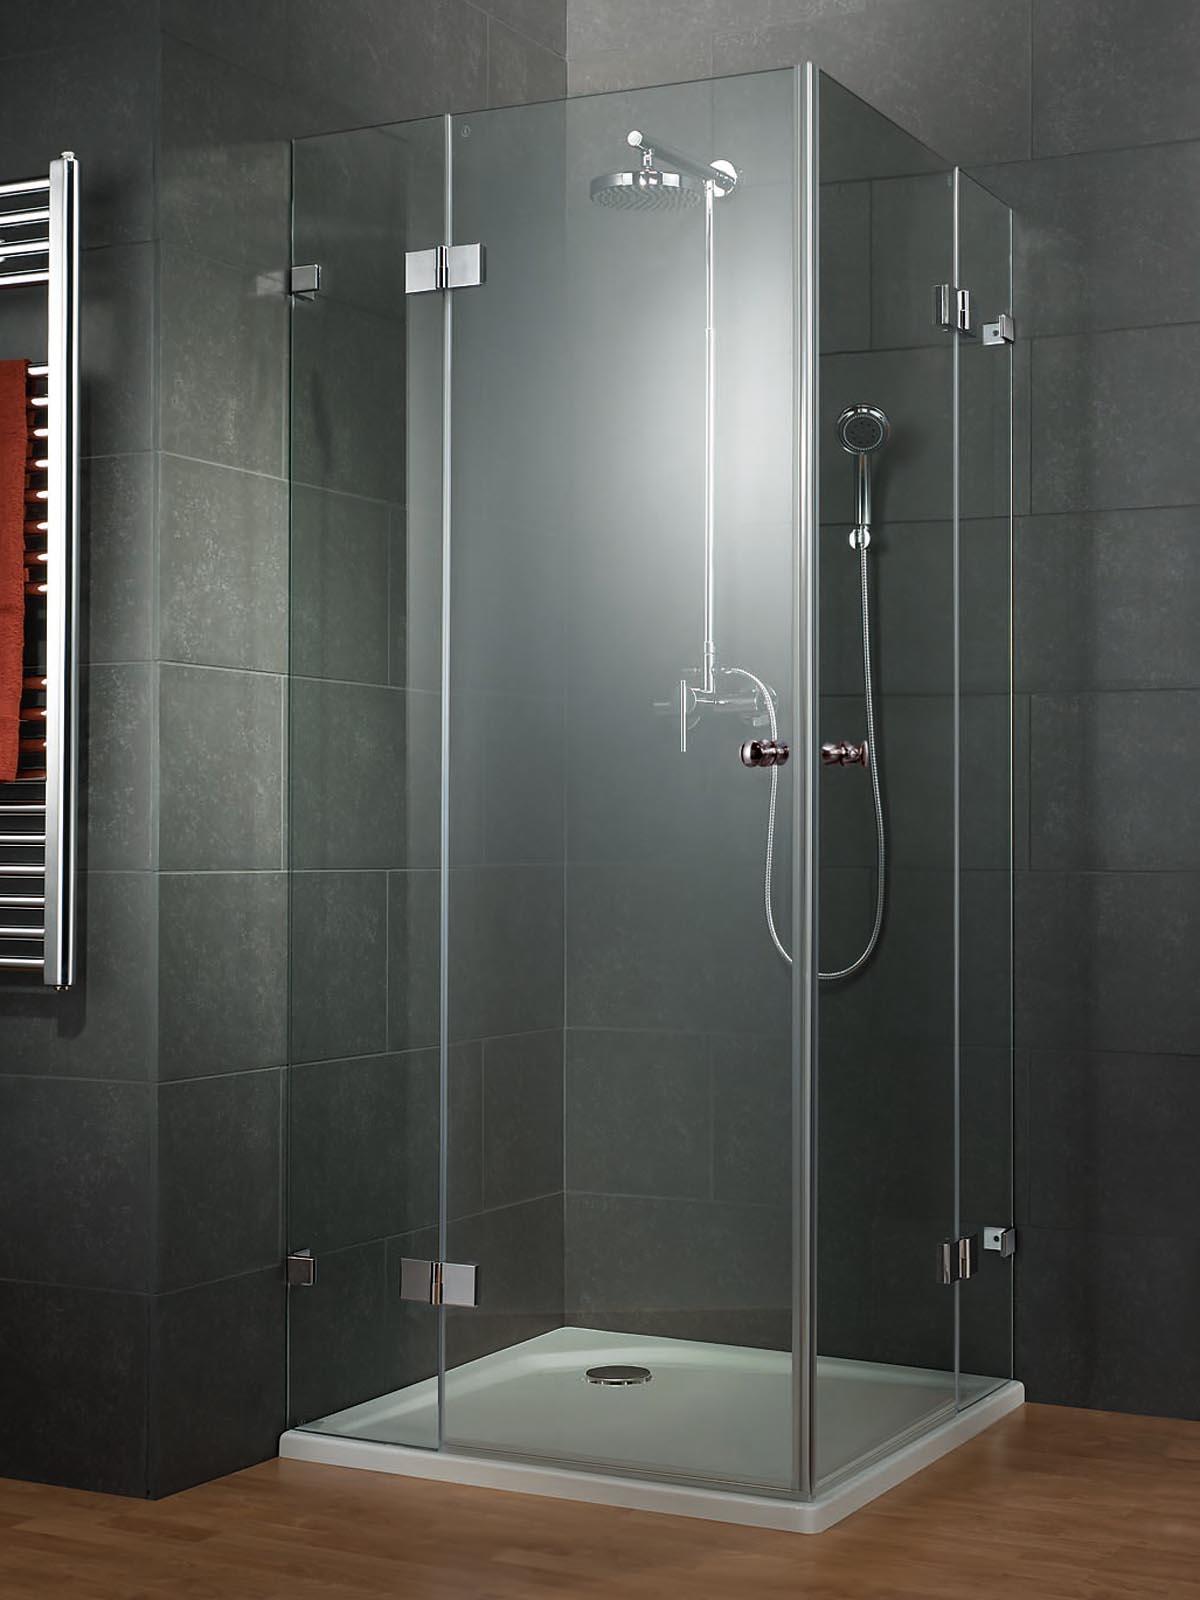 Nagyszerű minőségű egyedi zuhanykabinnal teheti varázslatossá fürdőszobáját!